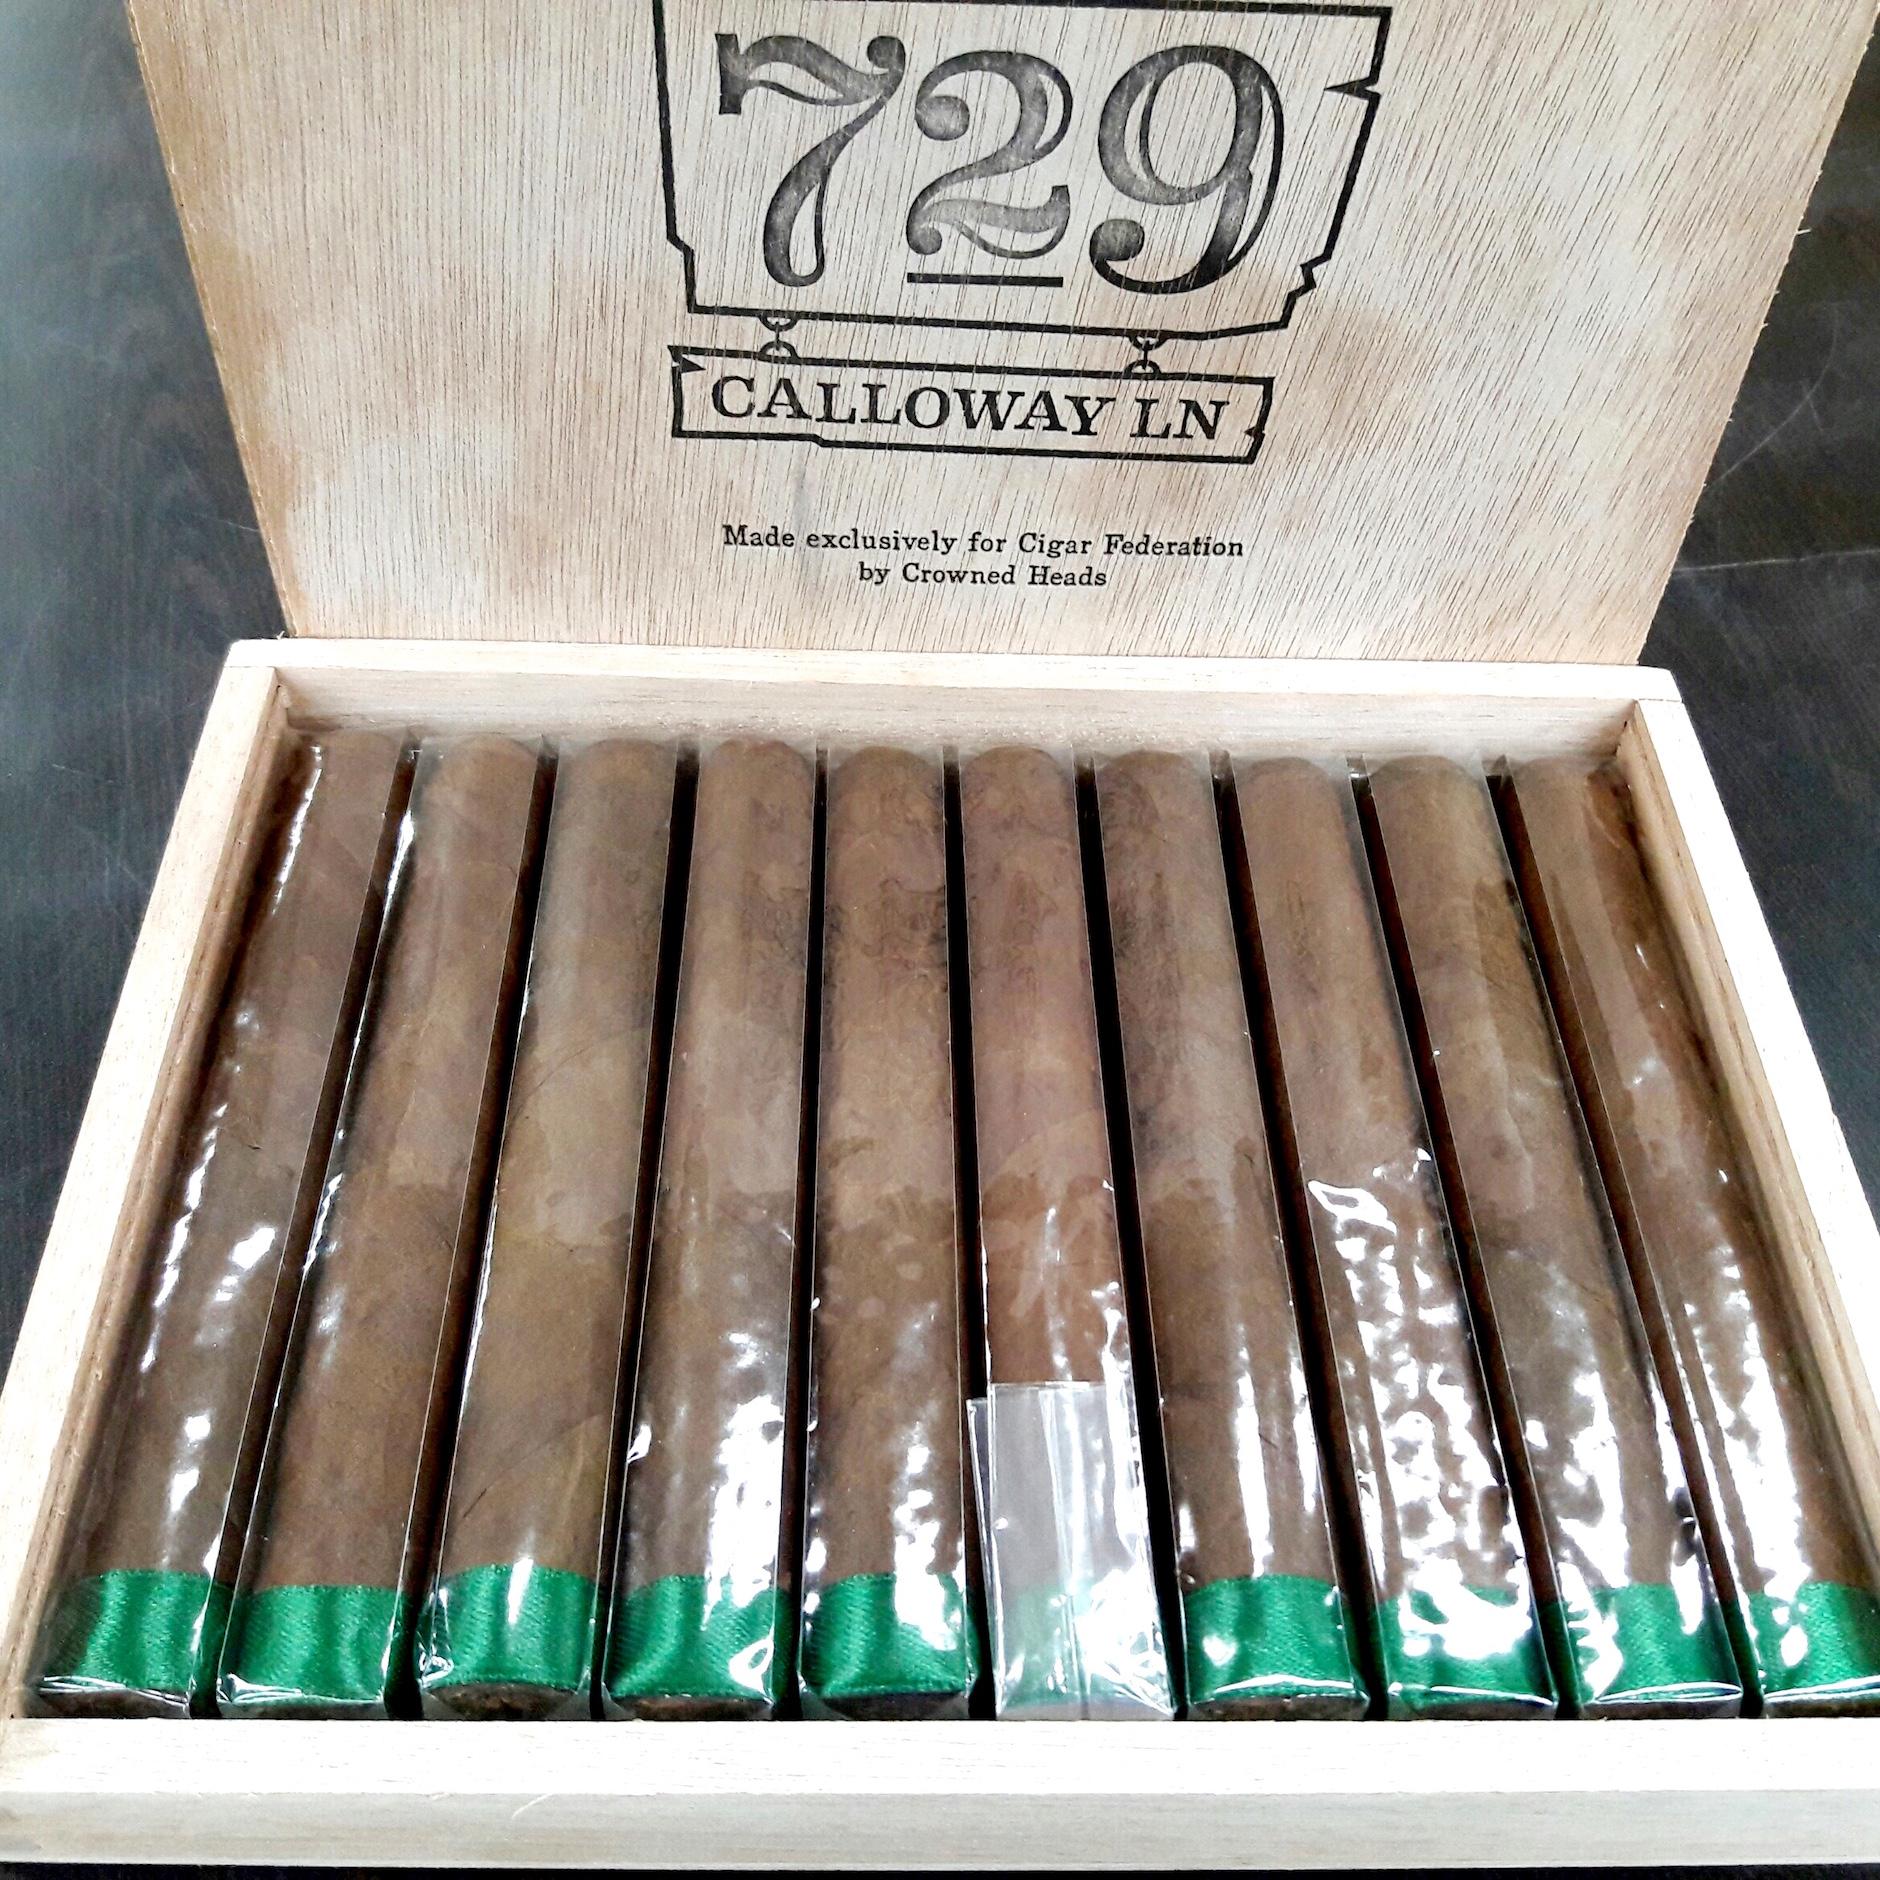 729 Calloway Lane